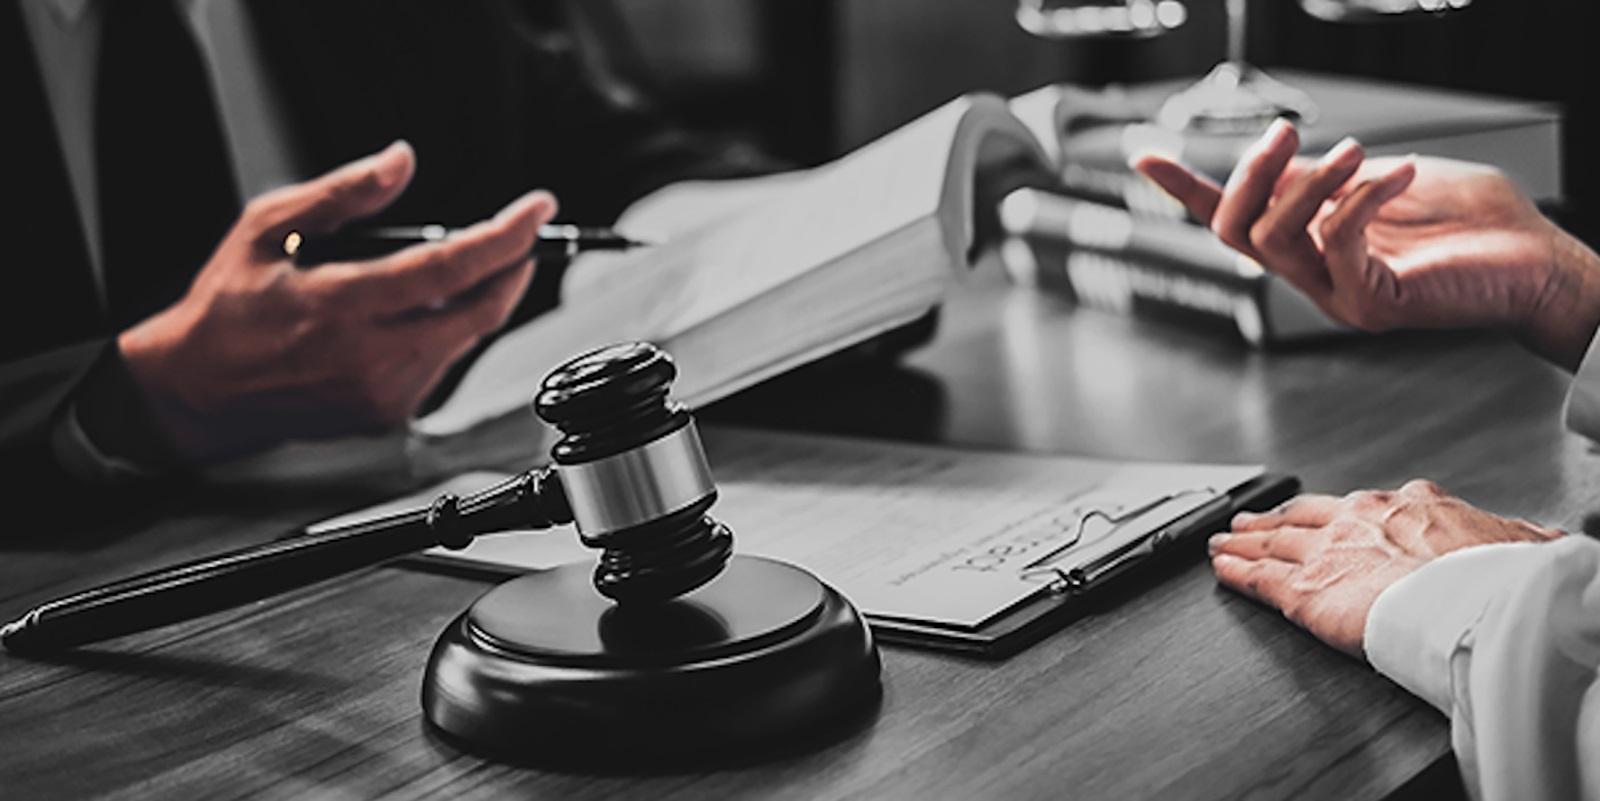 Implikasi RUU Cipta Kerja Terhadap Administrasi Pemerintahan